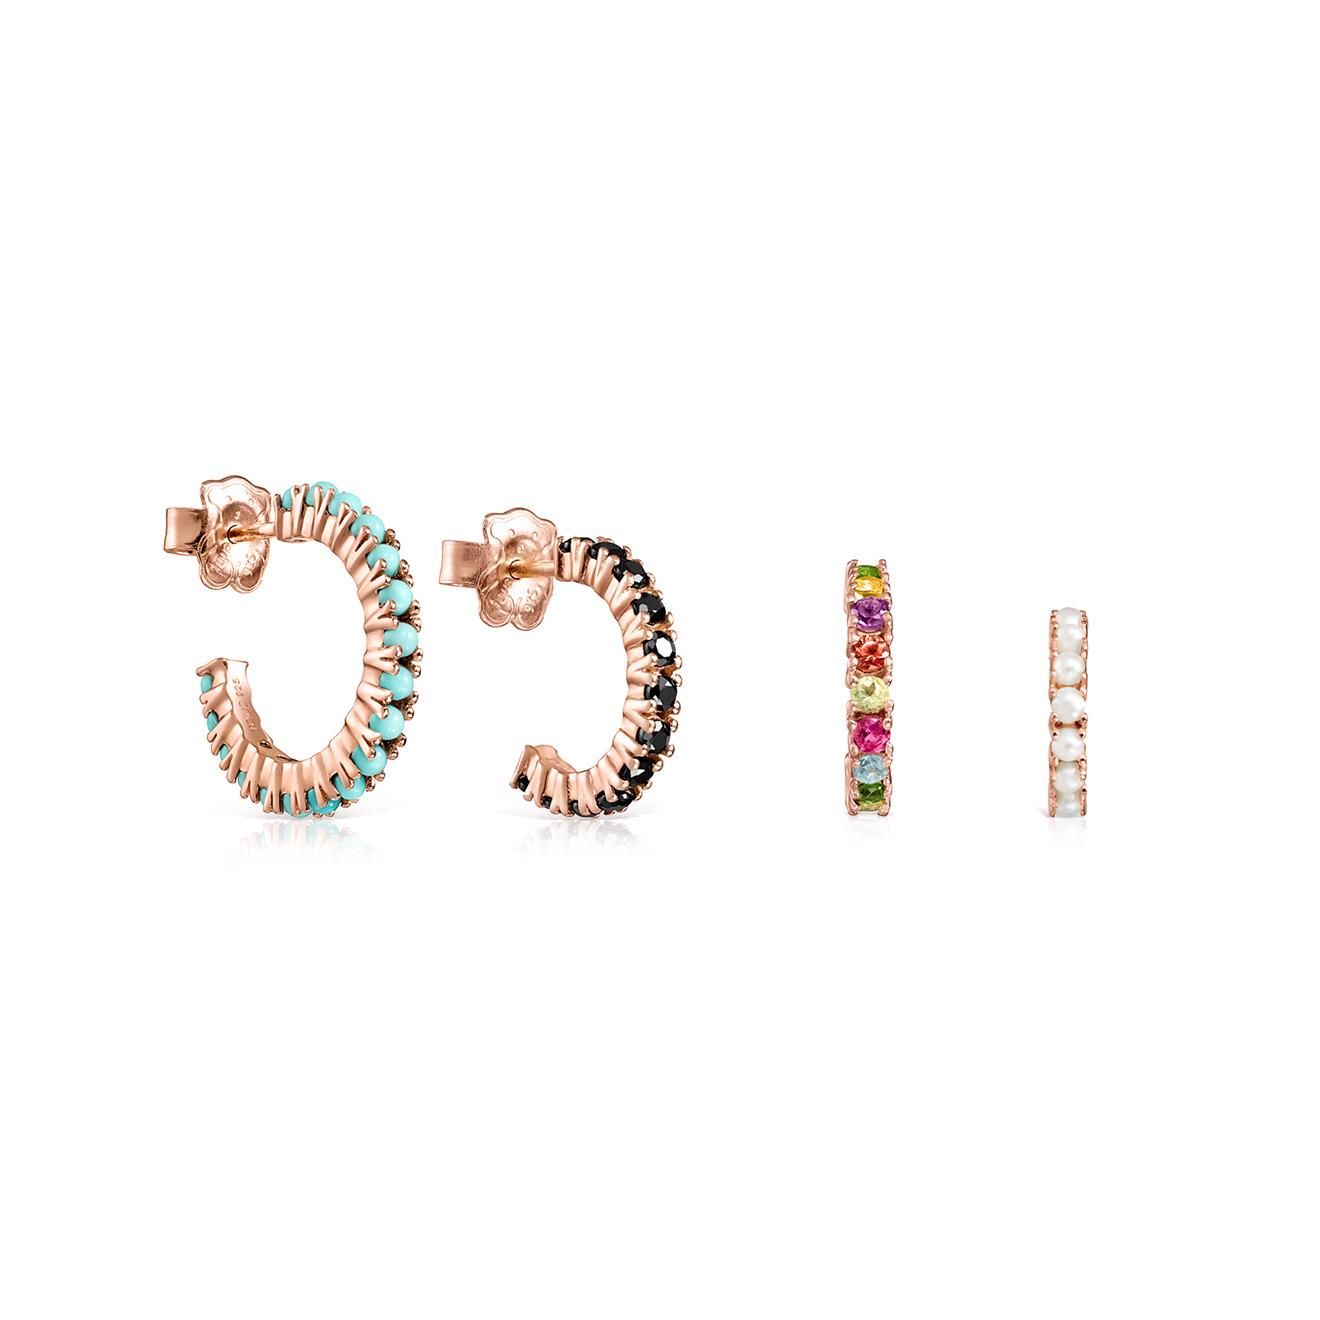 Фото - TOUS Сет серег Straight из серебра с покрытием вермей, жемчугом, рубином, сапфиром и полудрагоценными камнями серьги с полудрагоценными камнями